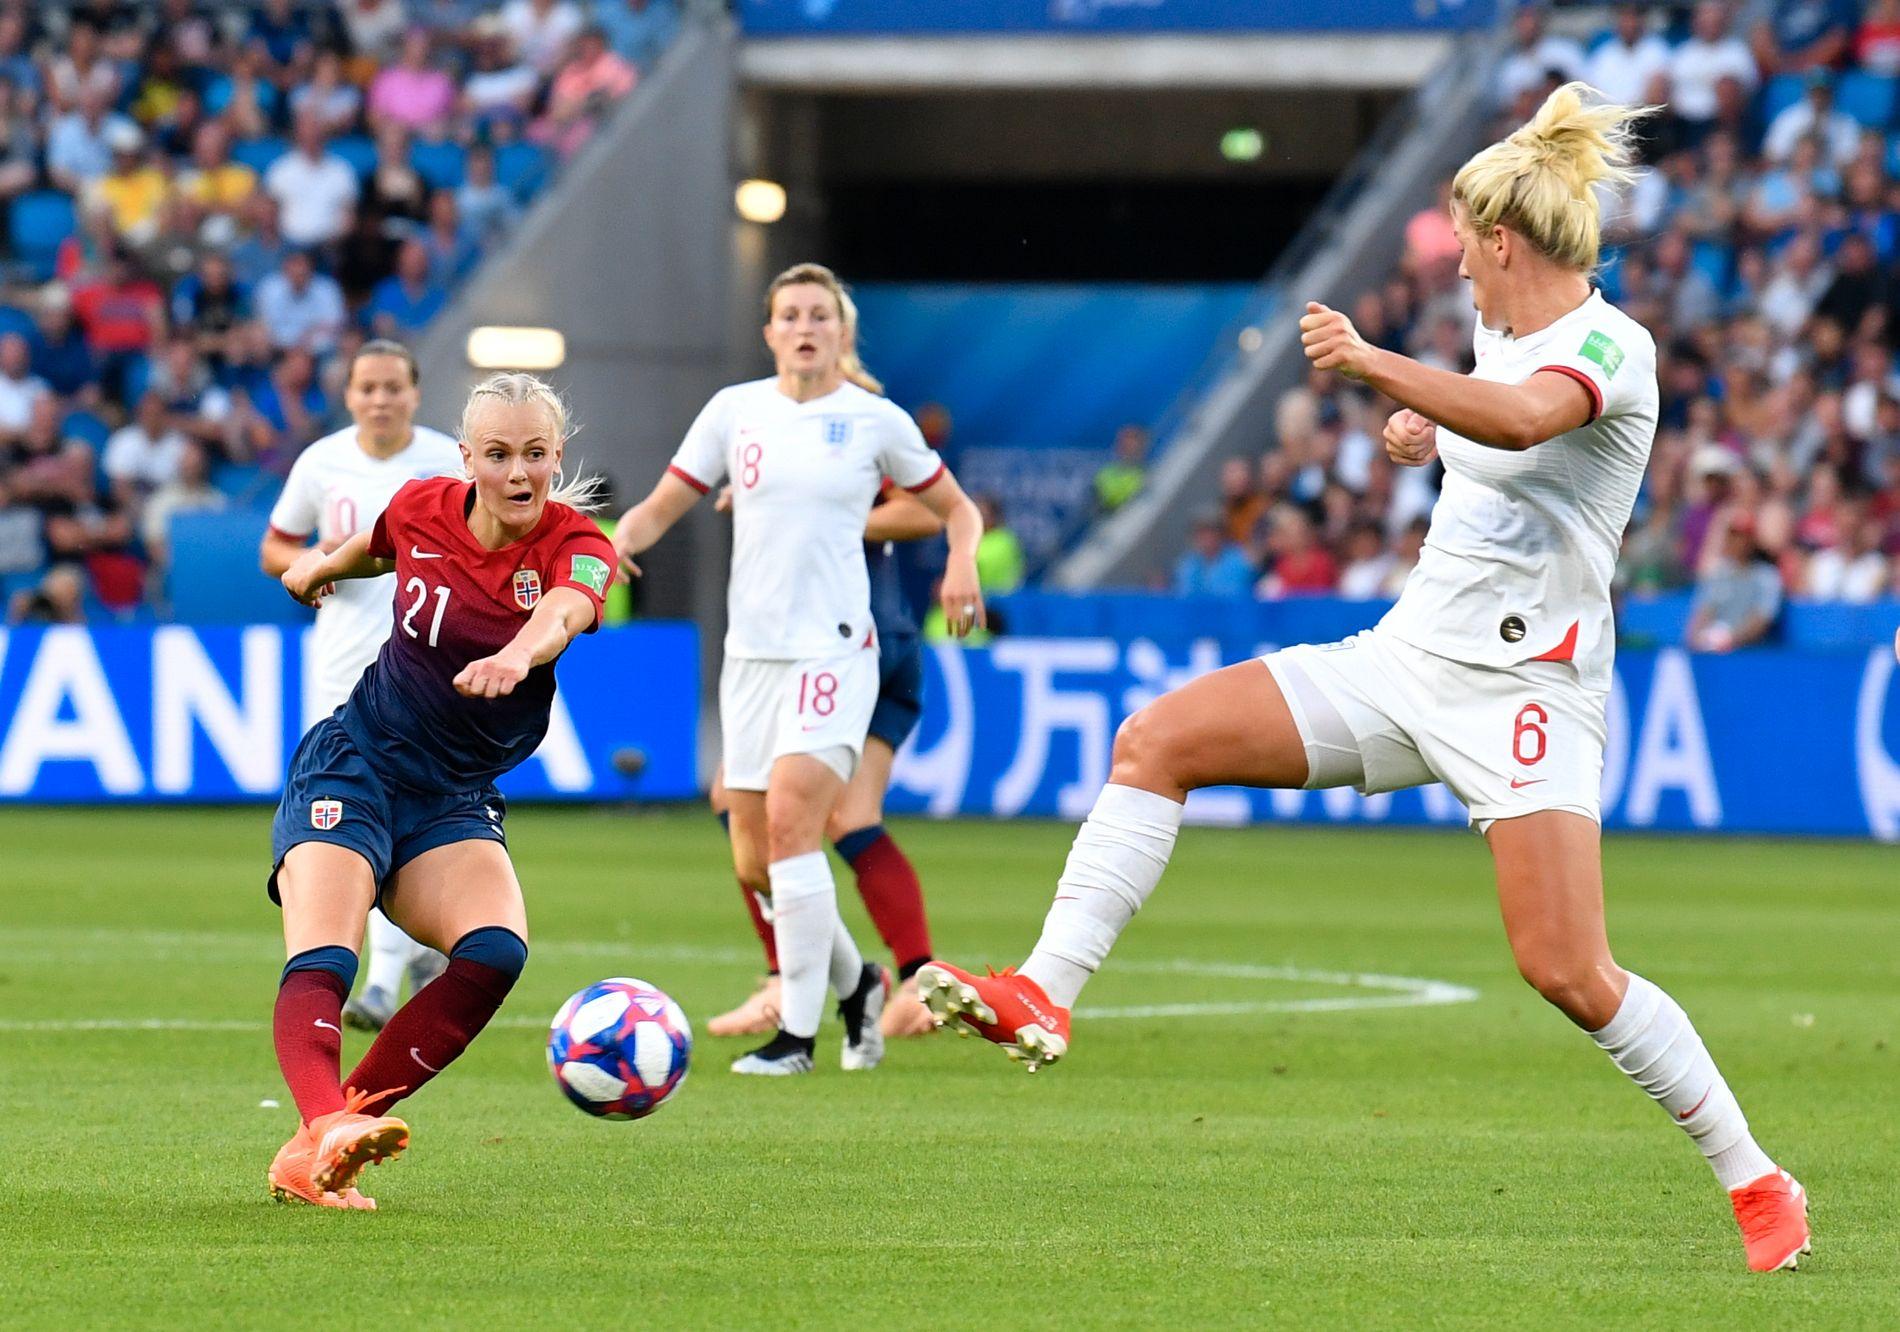 BRÅSTOPP: Karina Sævik fikk sitt gjennombrudd i VM, men mot Millie Bright og England var det brutalt over.